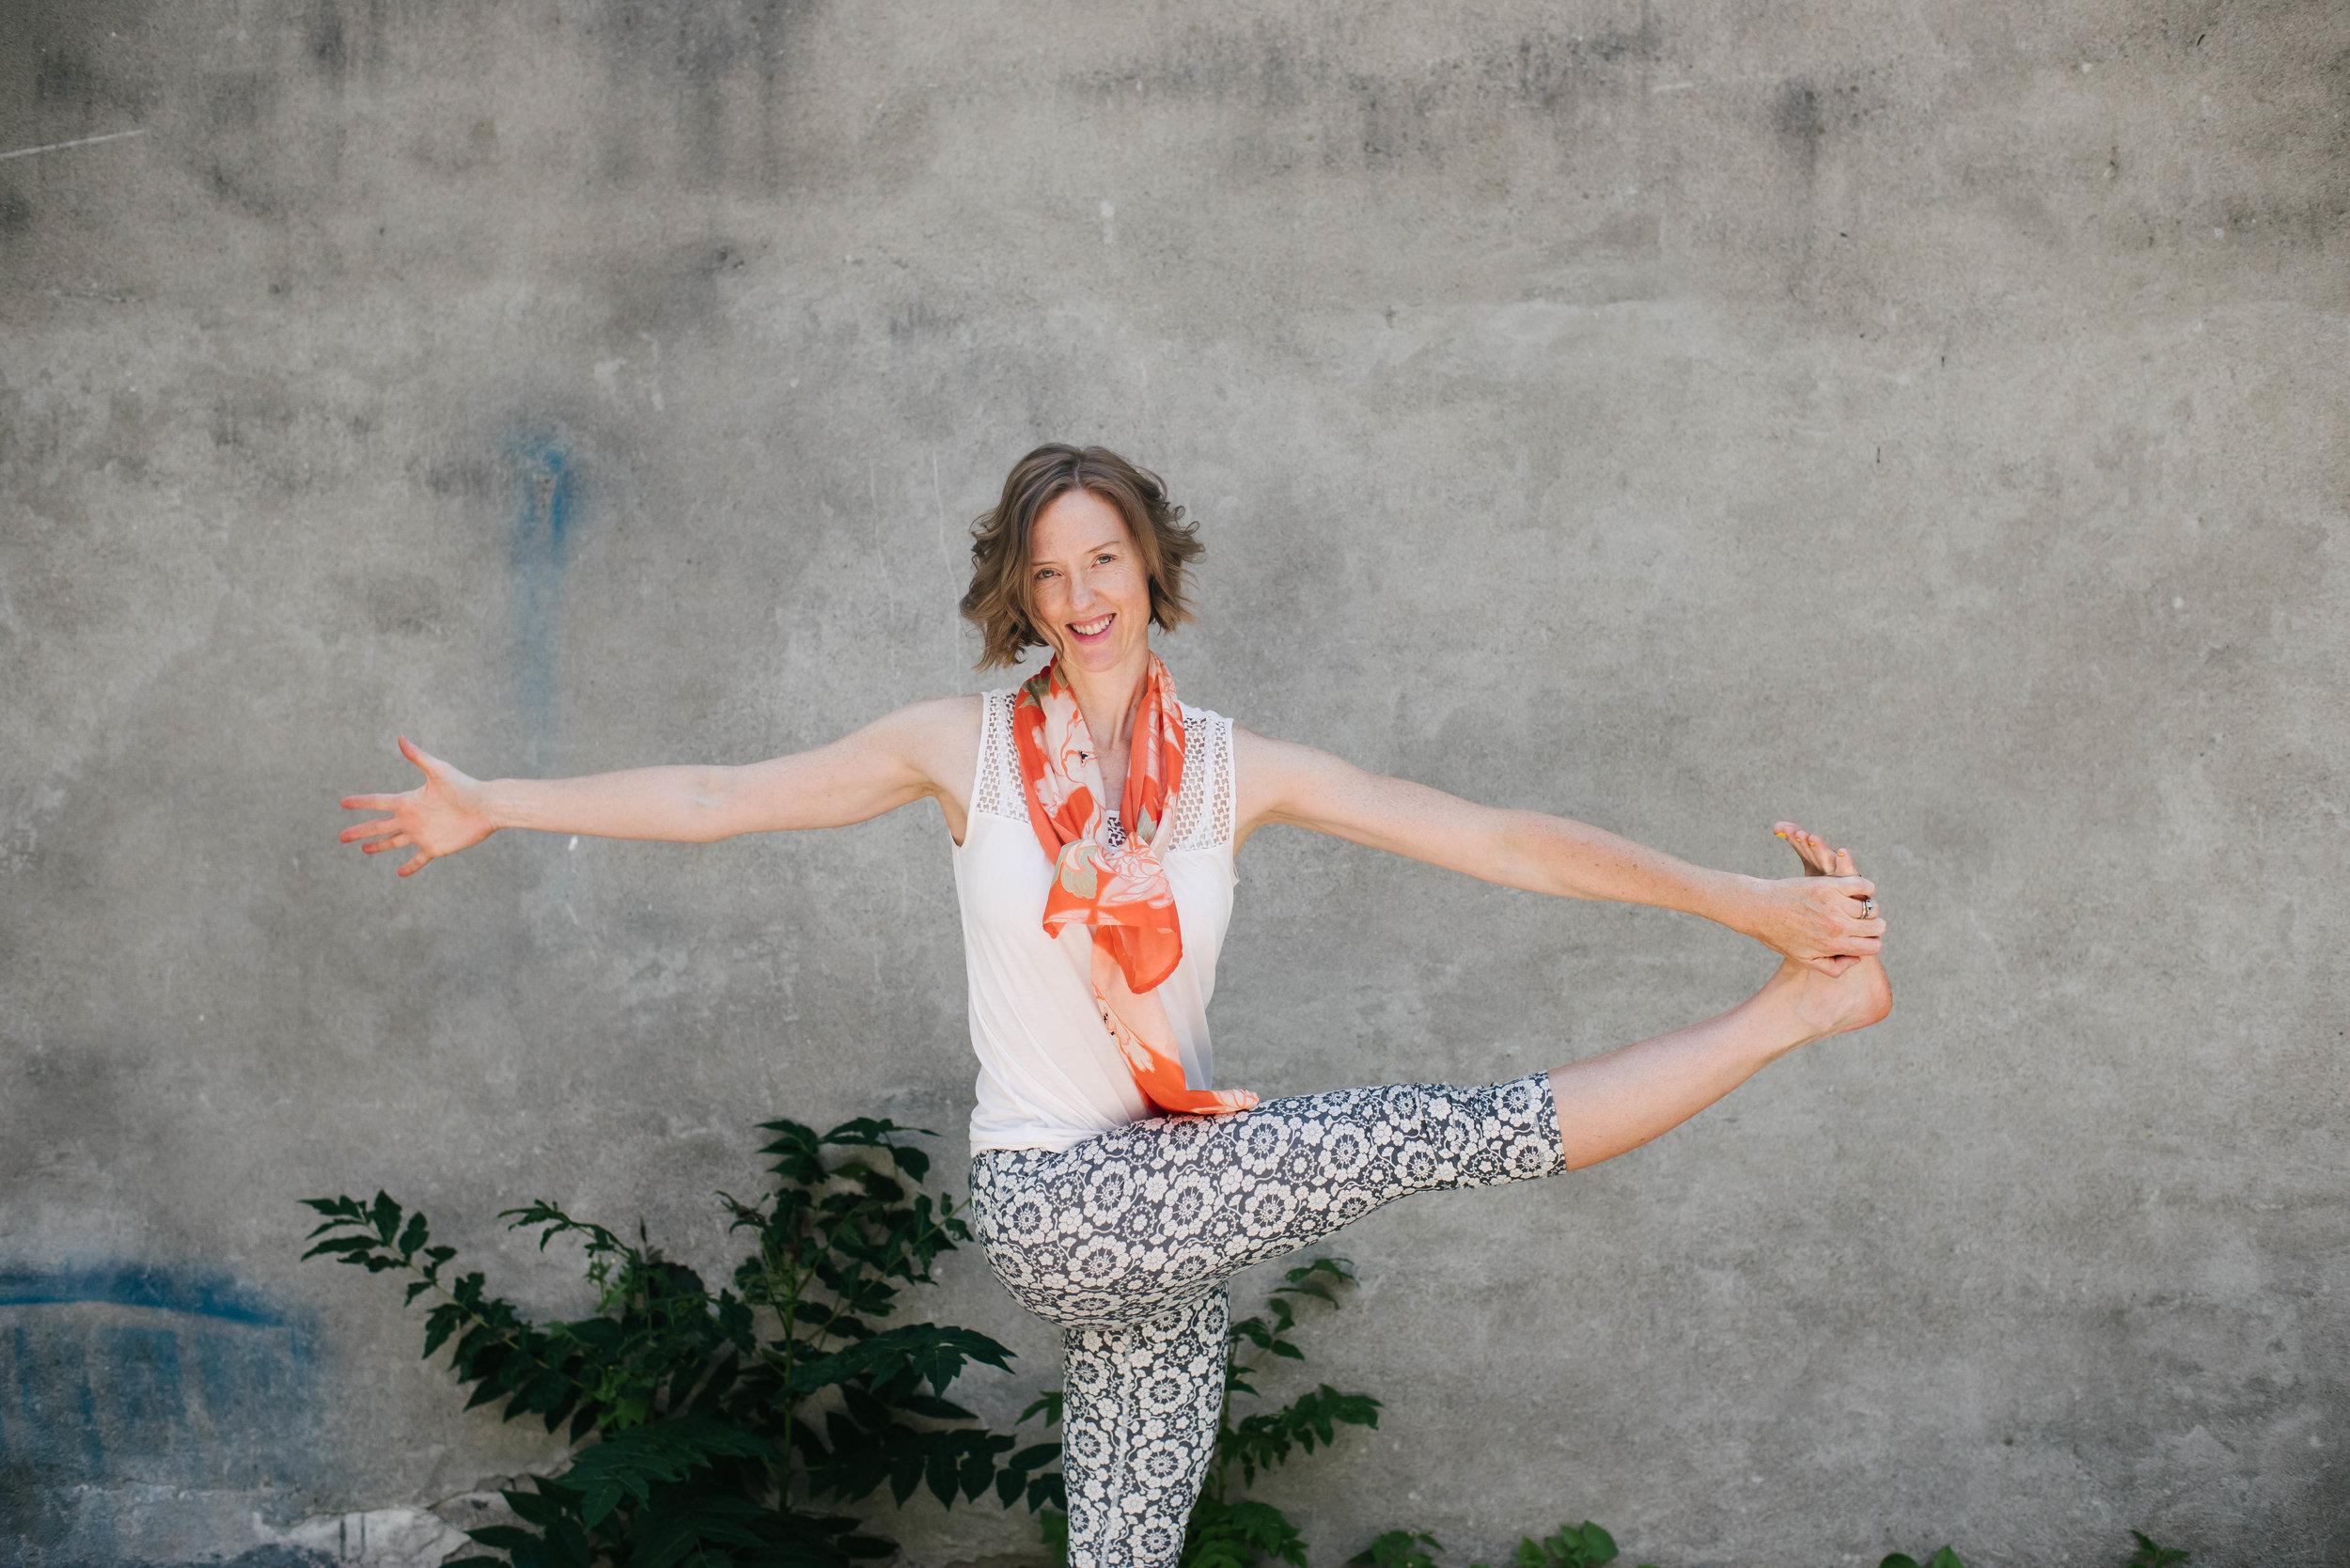 Yoga is zoe